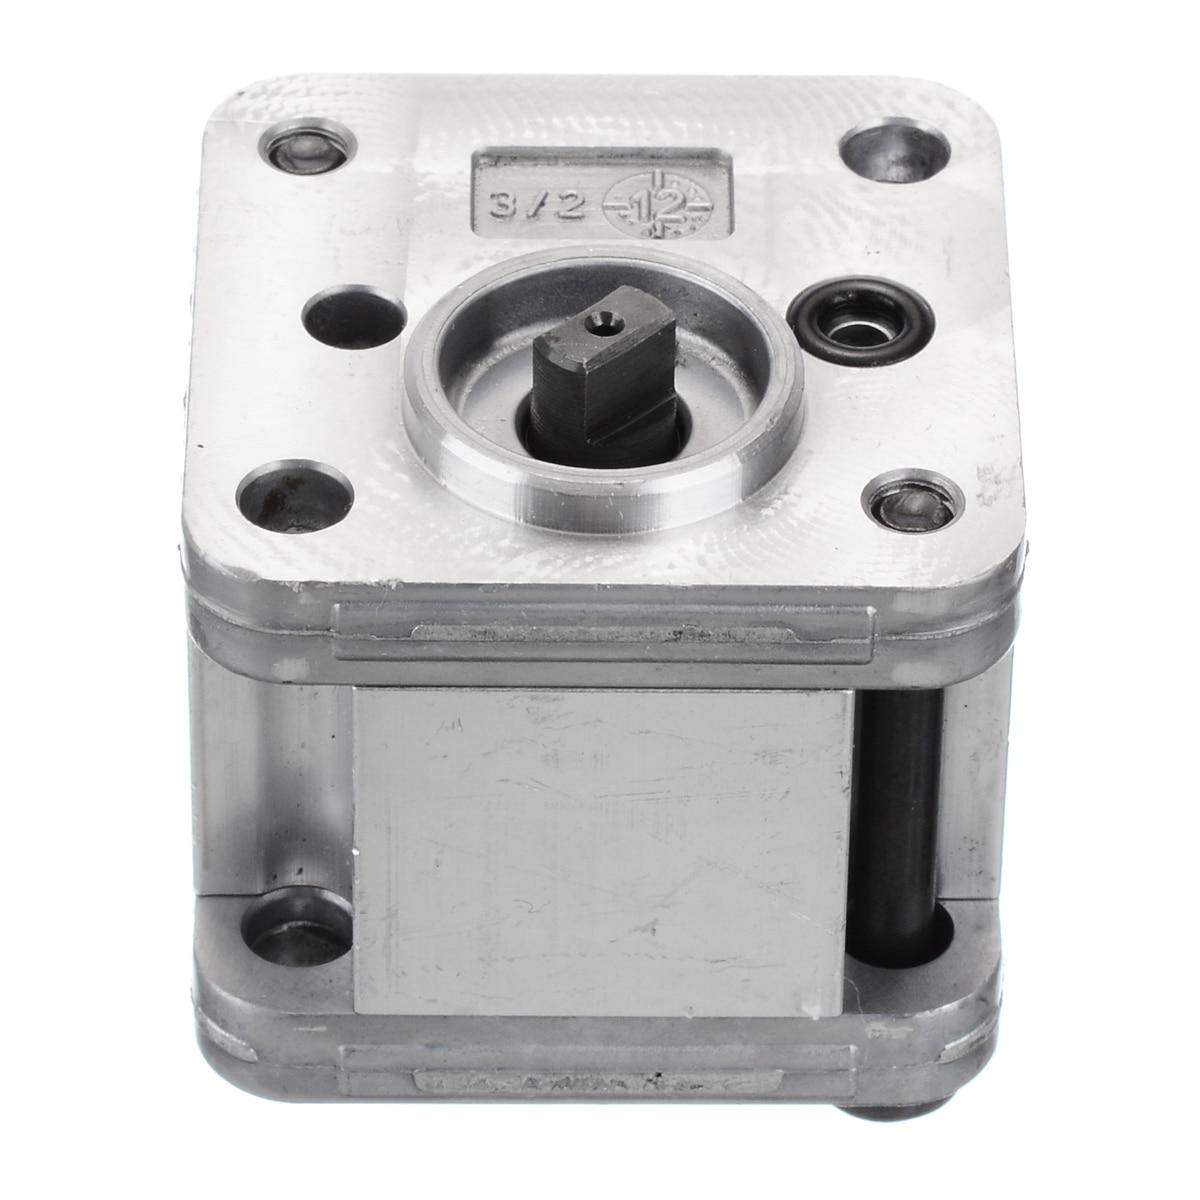 Новый гидравлический Шестеренчатый насос 1 шт., металлический Шестеренчатый насос, гидравлическая модель, экскаватор для домашних инструме...